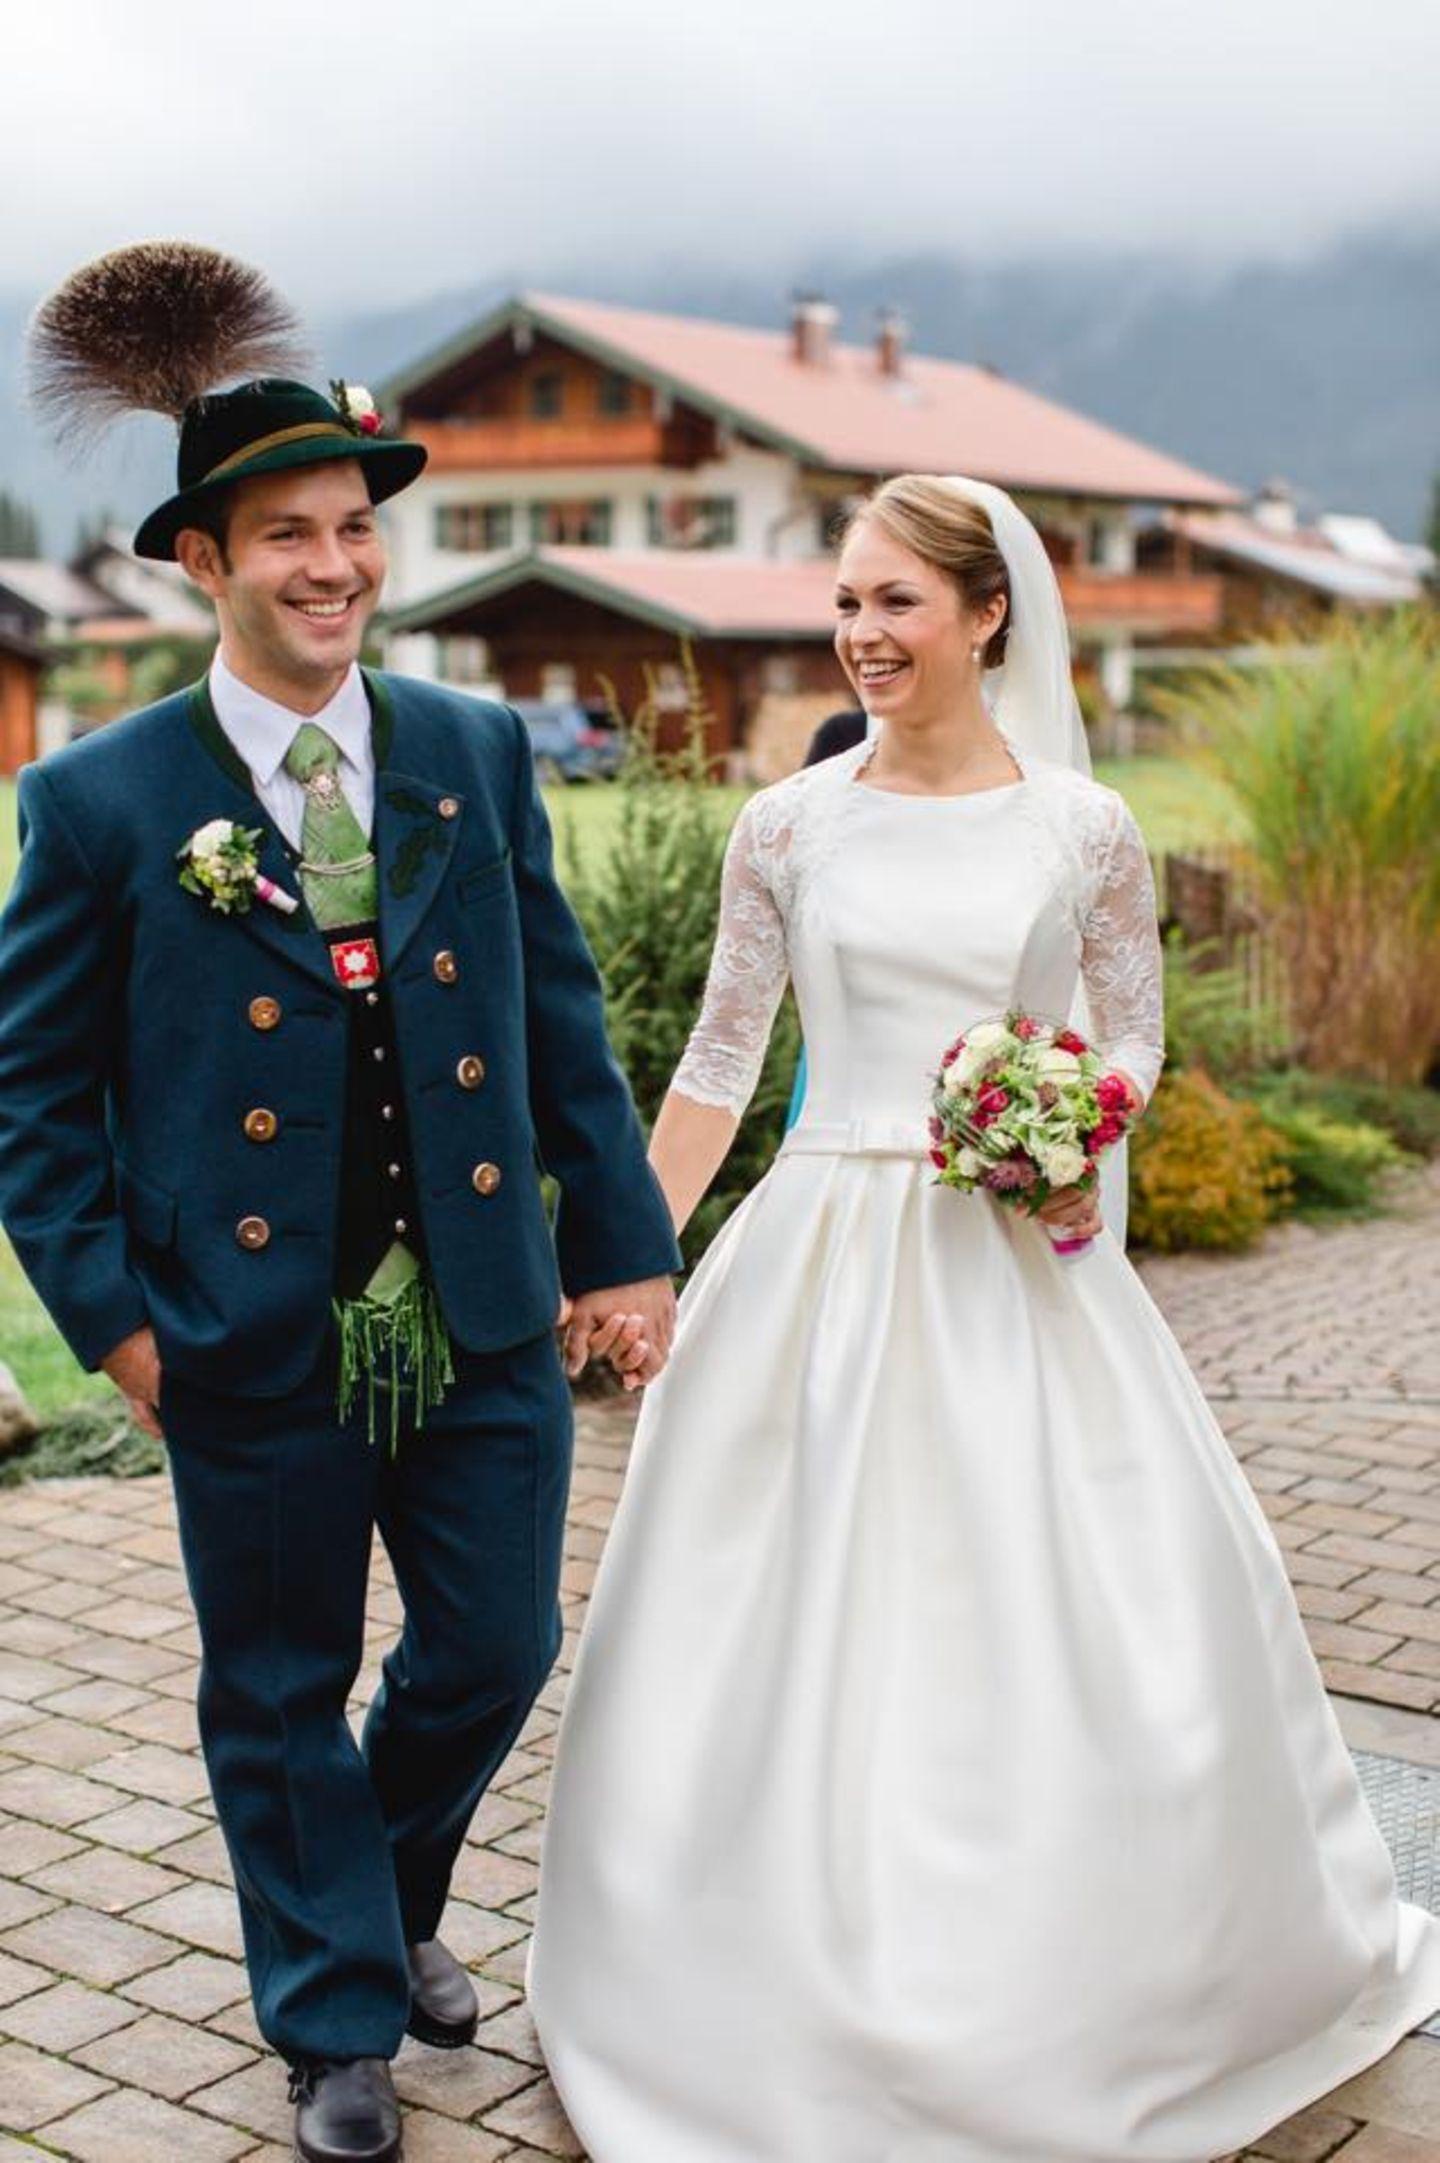 17. Oktober 2015: In Wallgau schlüpfte Magdalena Neuner anderthalb Jahre nach ihrer standesamtlichen Trauung noch einmal in ein Brautkleid und trat zusammen mit ihrem Ehemann Josef Holzer vor den Altar der Dorfkirche.